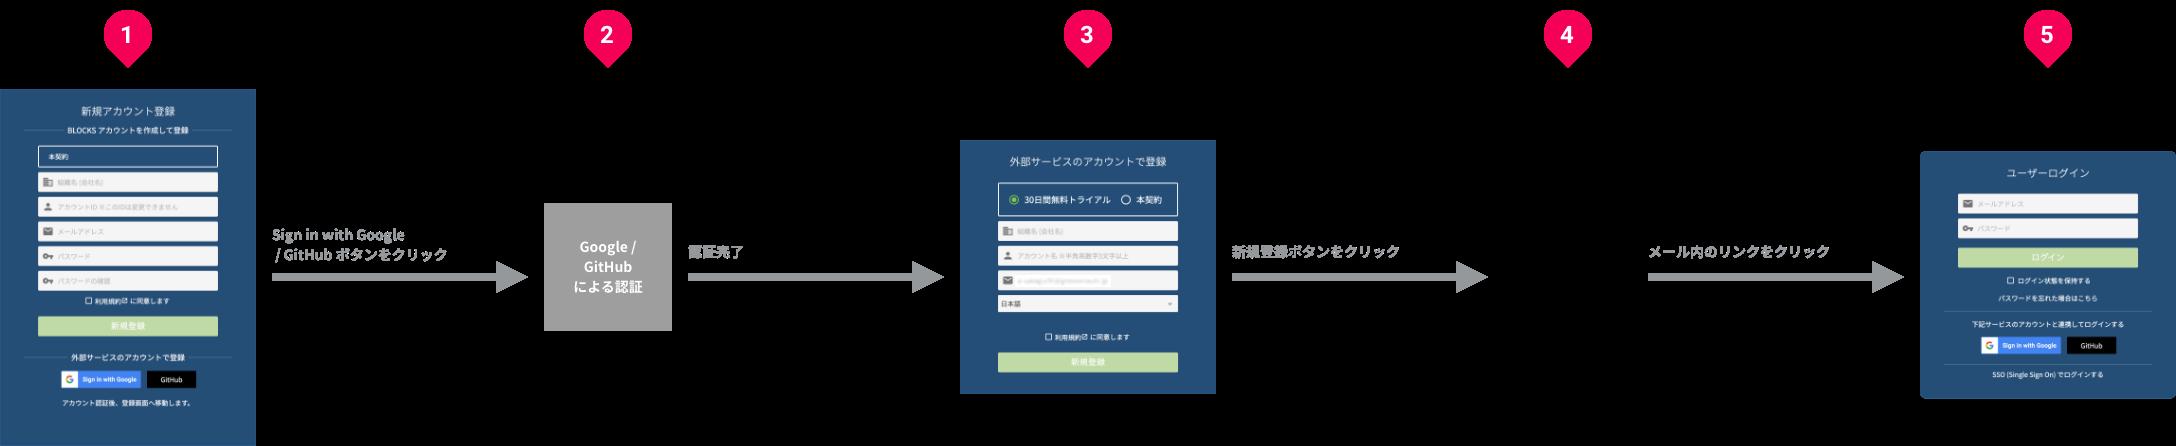 外部サービスを使ったアカウント登録の流れ図